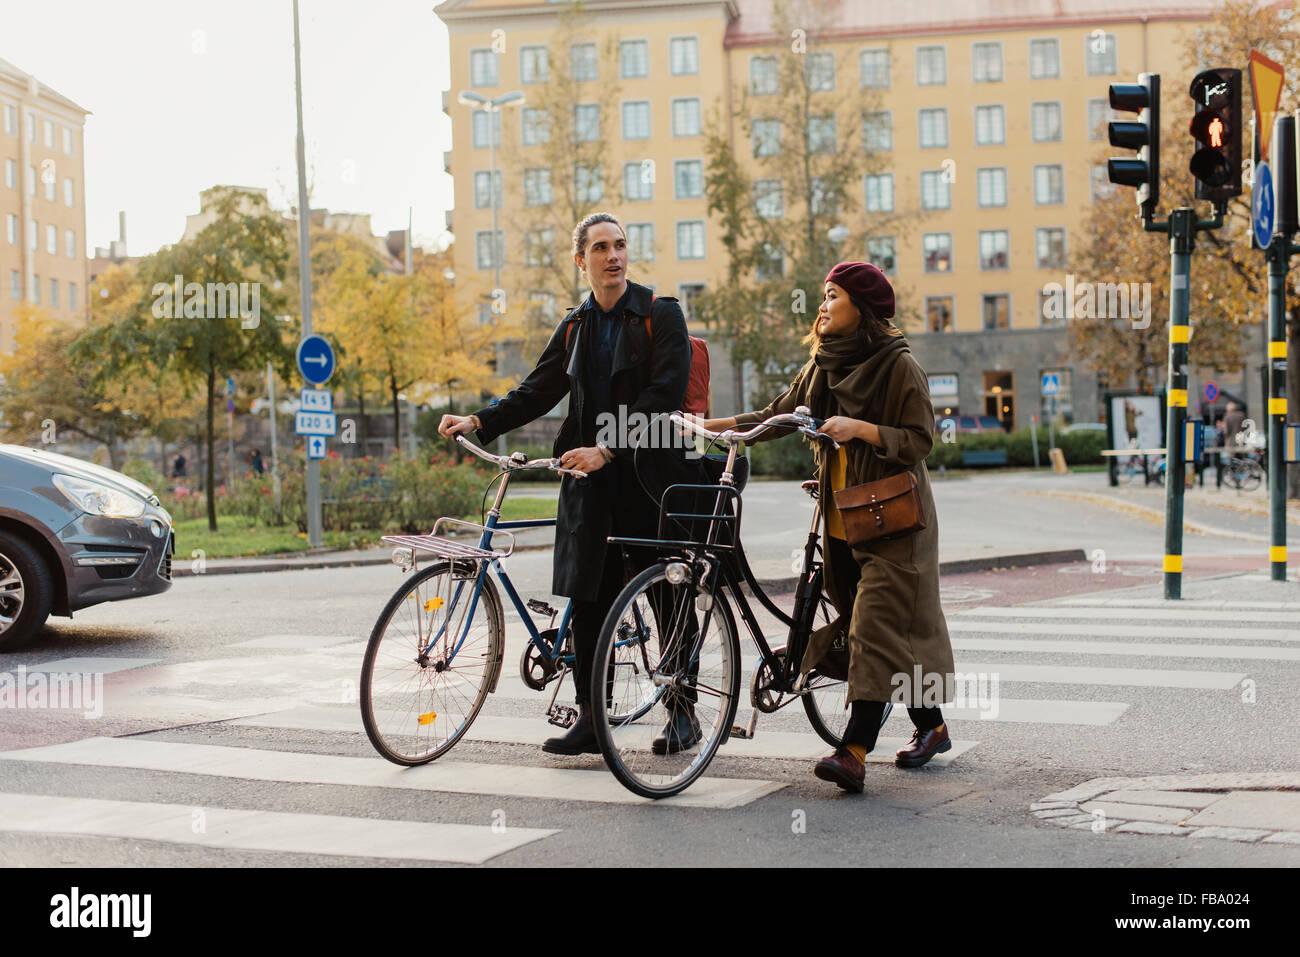 La Svezia, Uppland, Stoccolma, Vasastan, Vanadisplan, due giovani con le biciclette passeggiate attraverso le strisce Immagini Stock